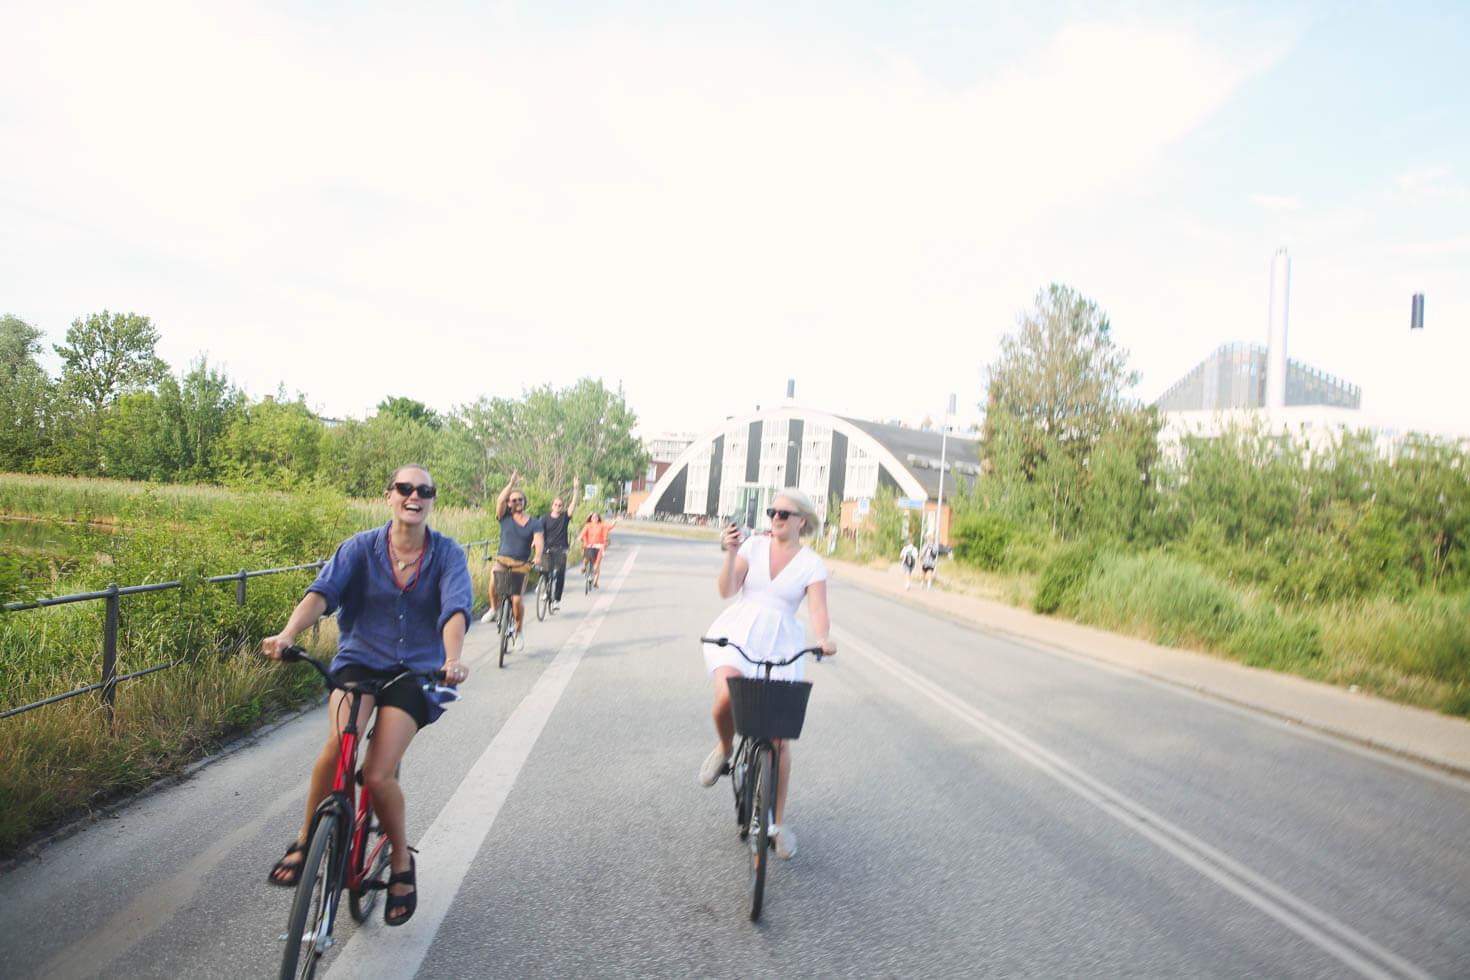 Kopenhamnsguide restauranger, hyra cykel, klubb-26